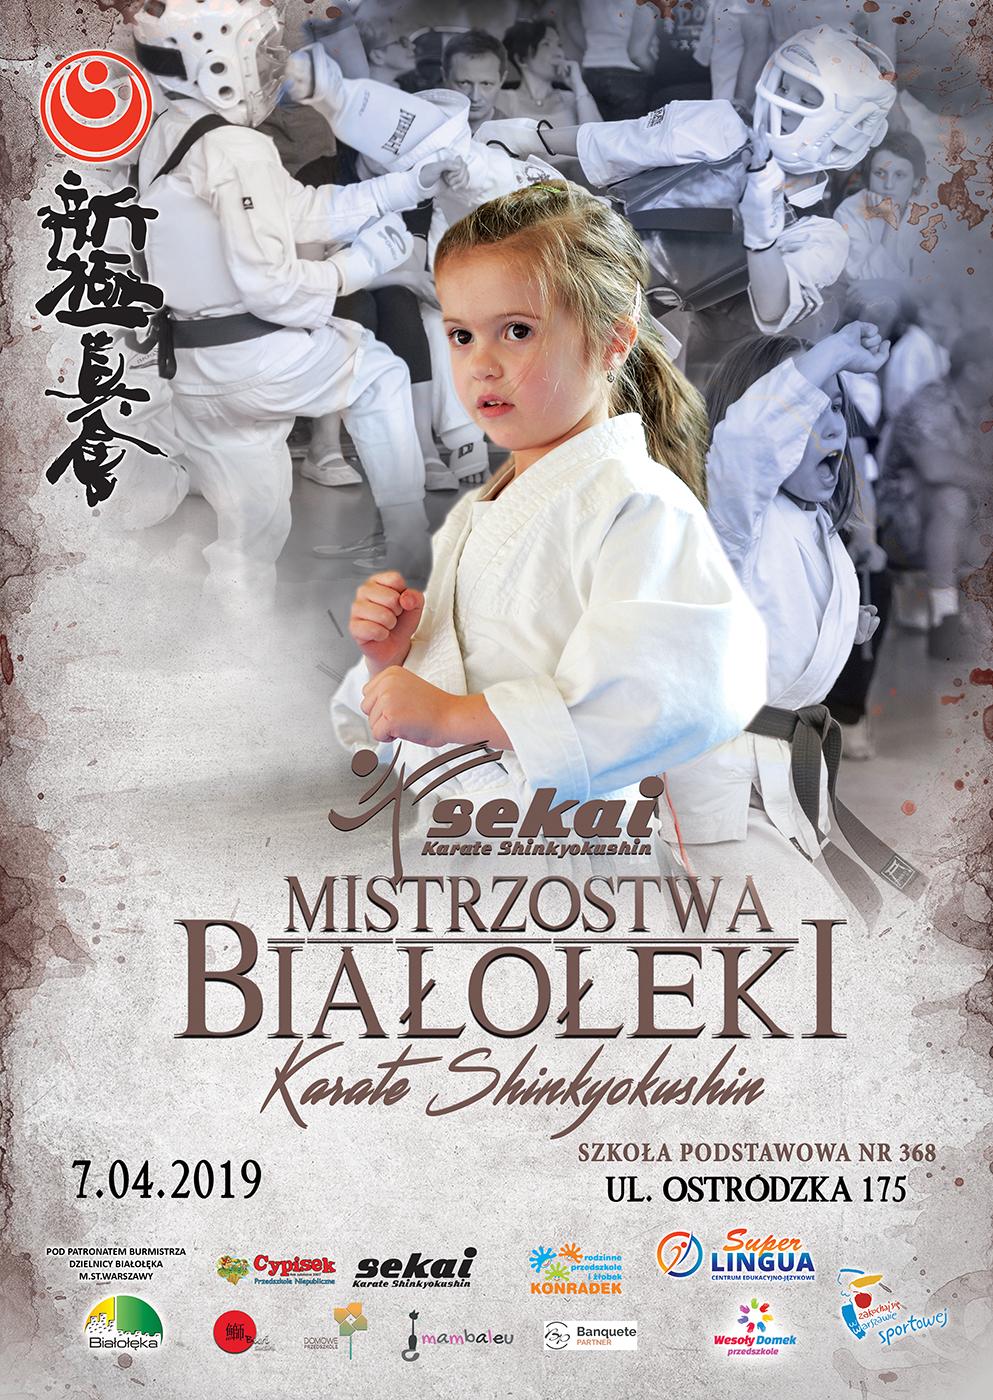 Mistrzostwa Białołęki w Karate Shinkyokushin 2019